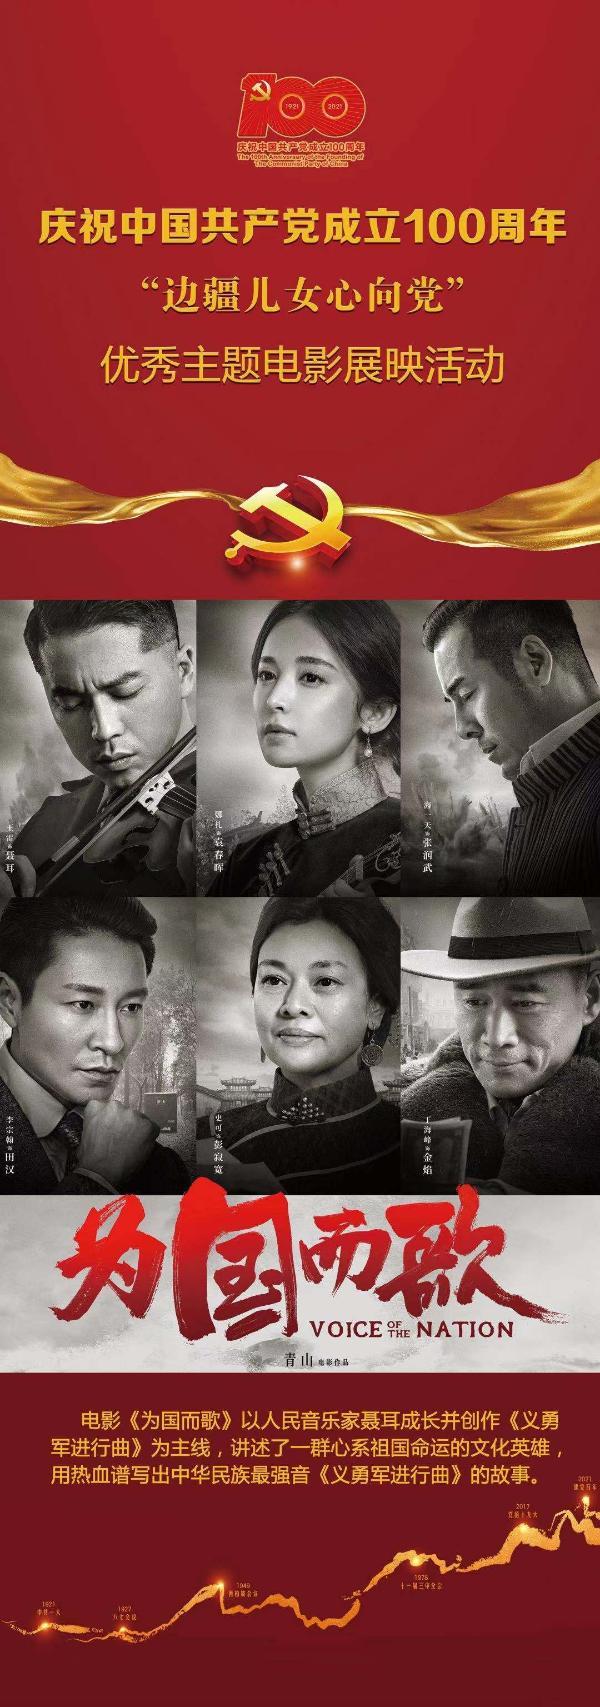 这段时间在云南可以免费看这些电影!